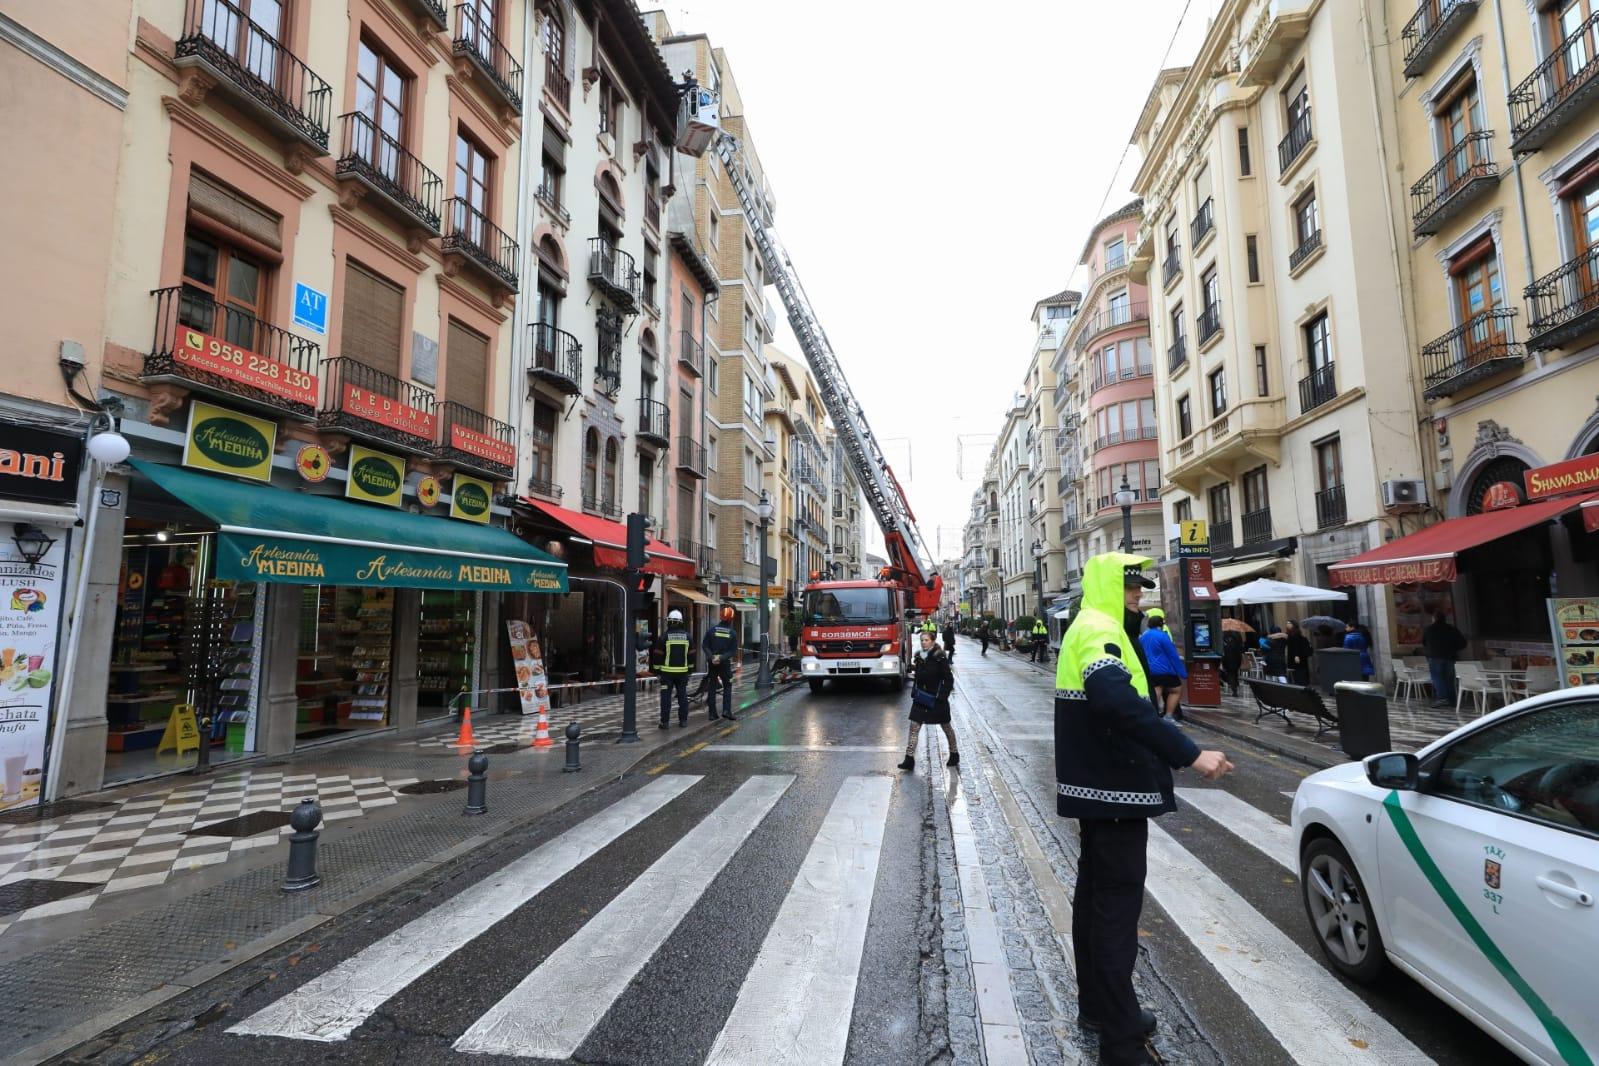 Caída de cascotes de una fachada en la calle Reyes Católicos